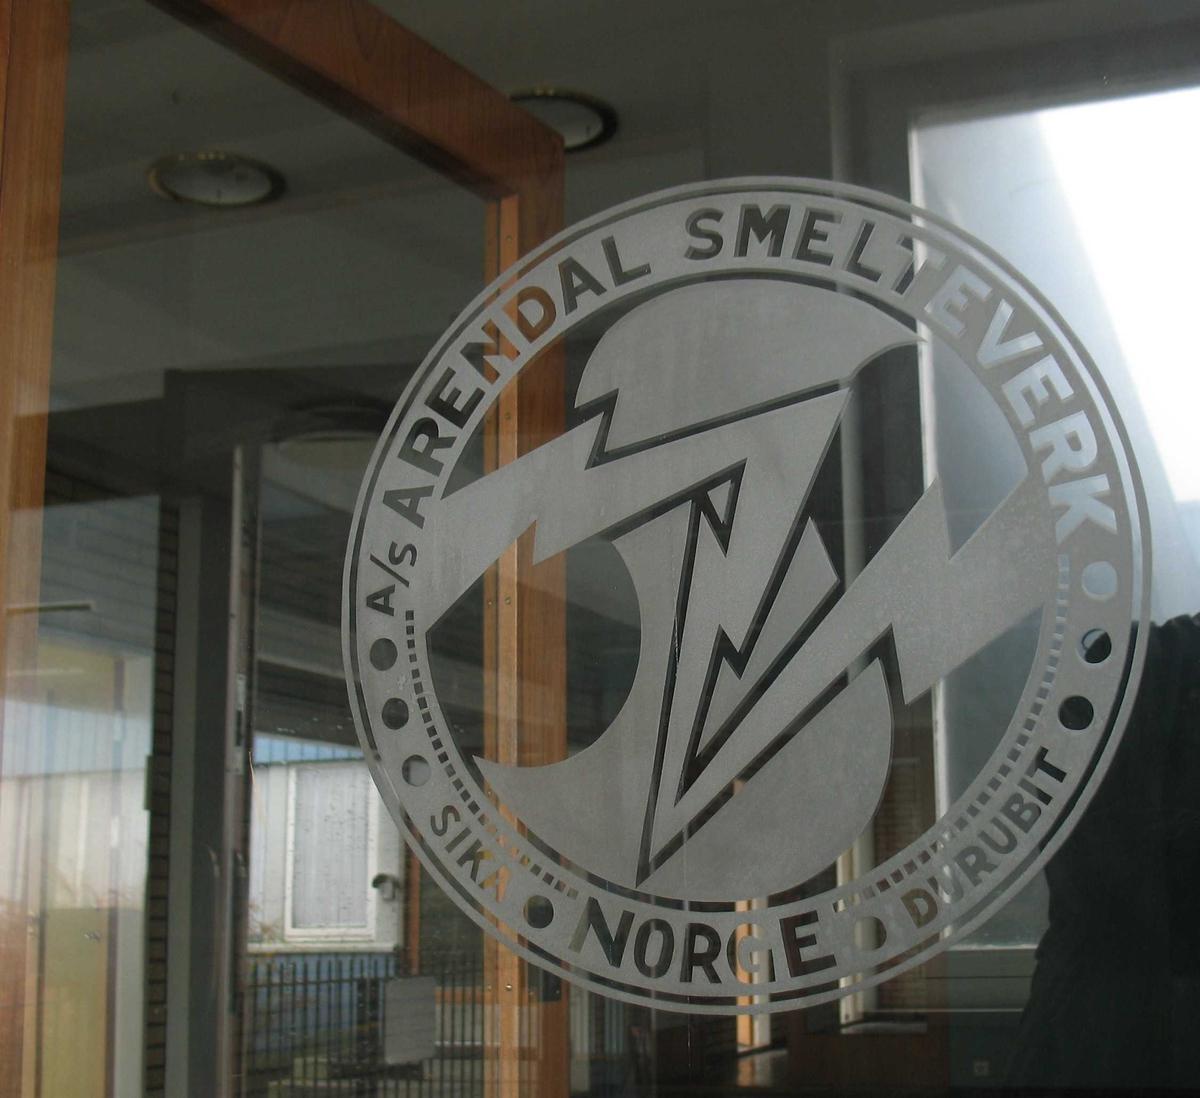 Arendal Smelteverk, kontorbygningen. Dør med innslipt logo.